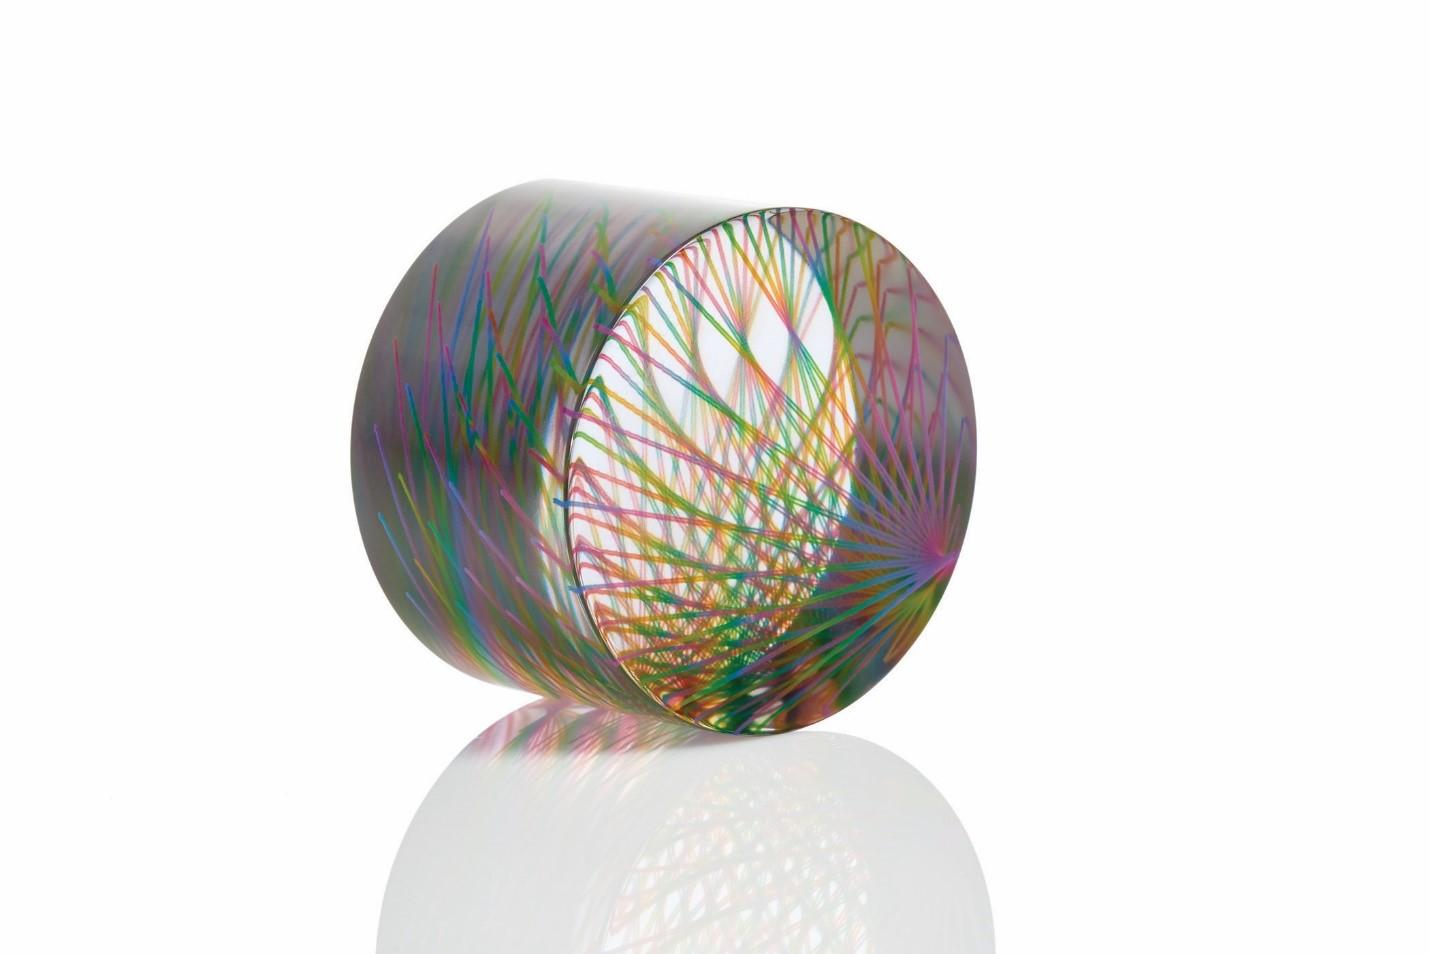 Voxel Printed Kaleidoscope